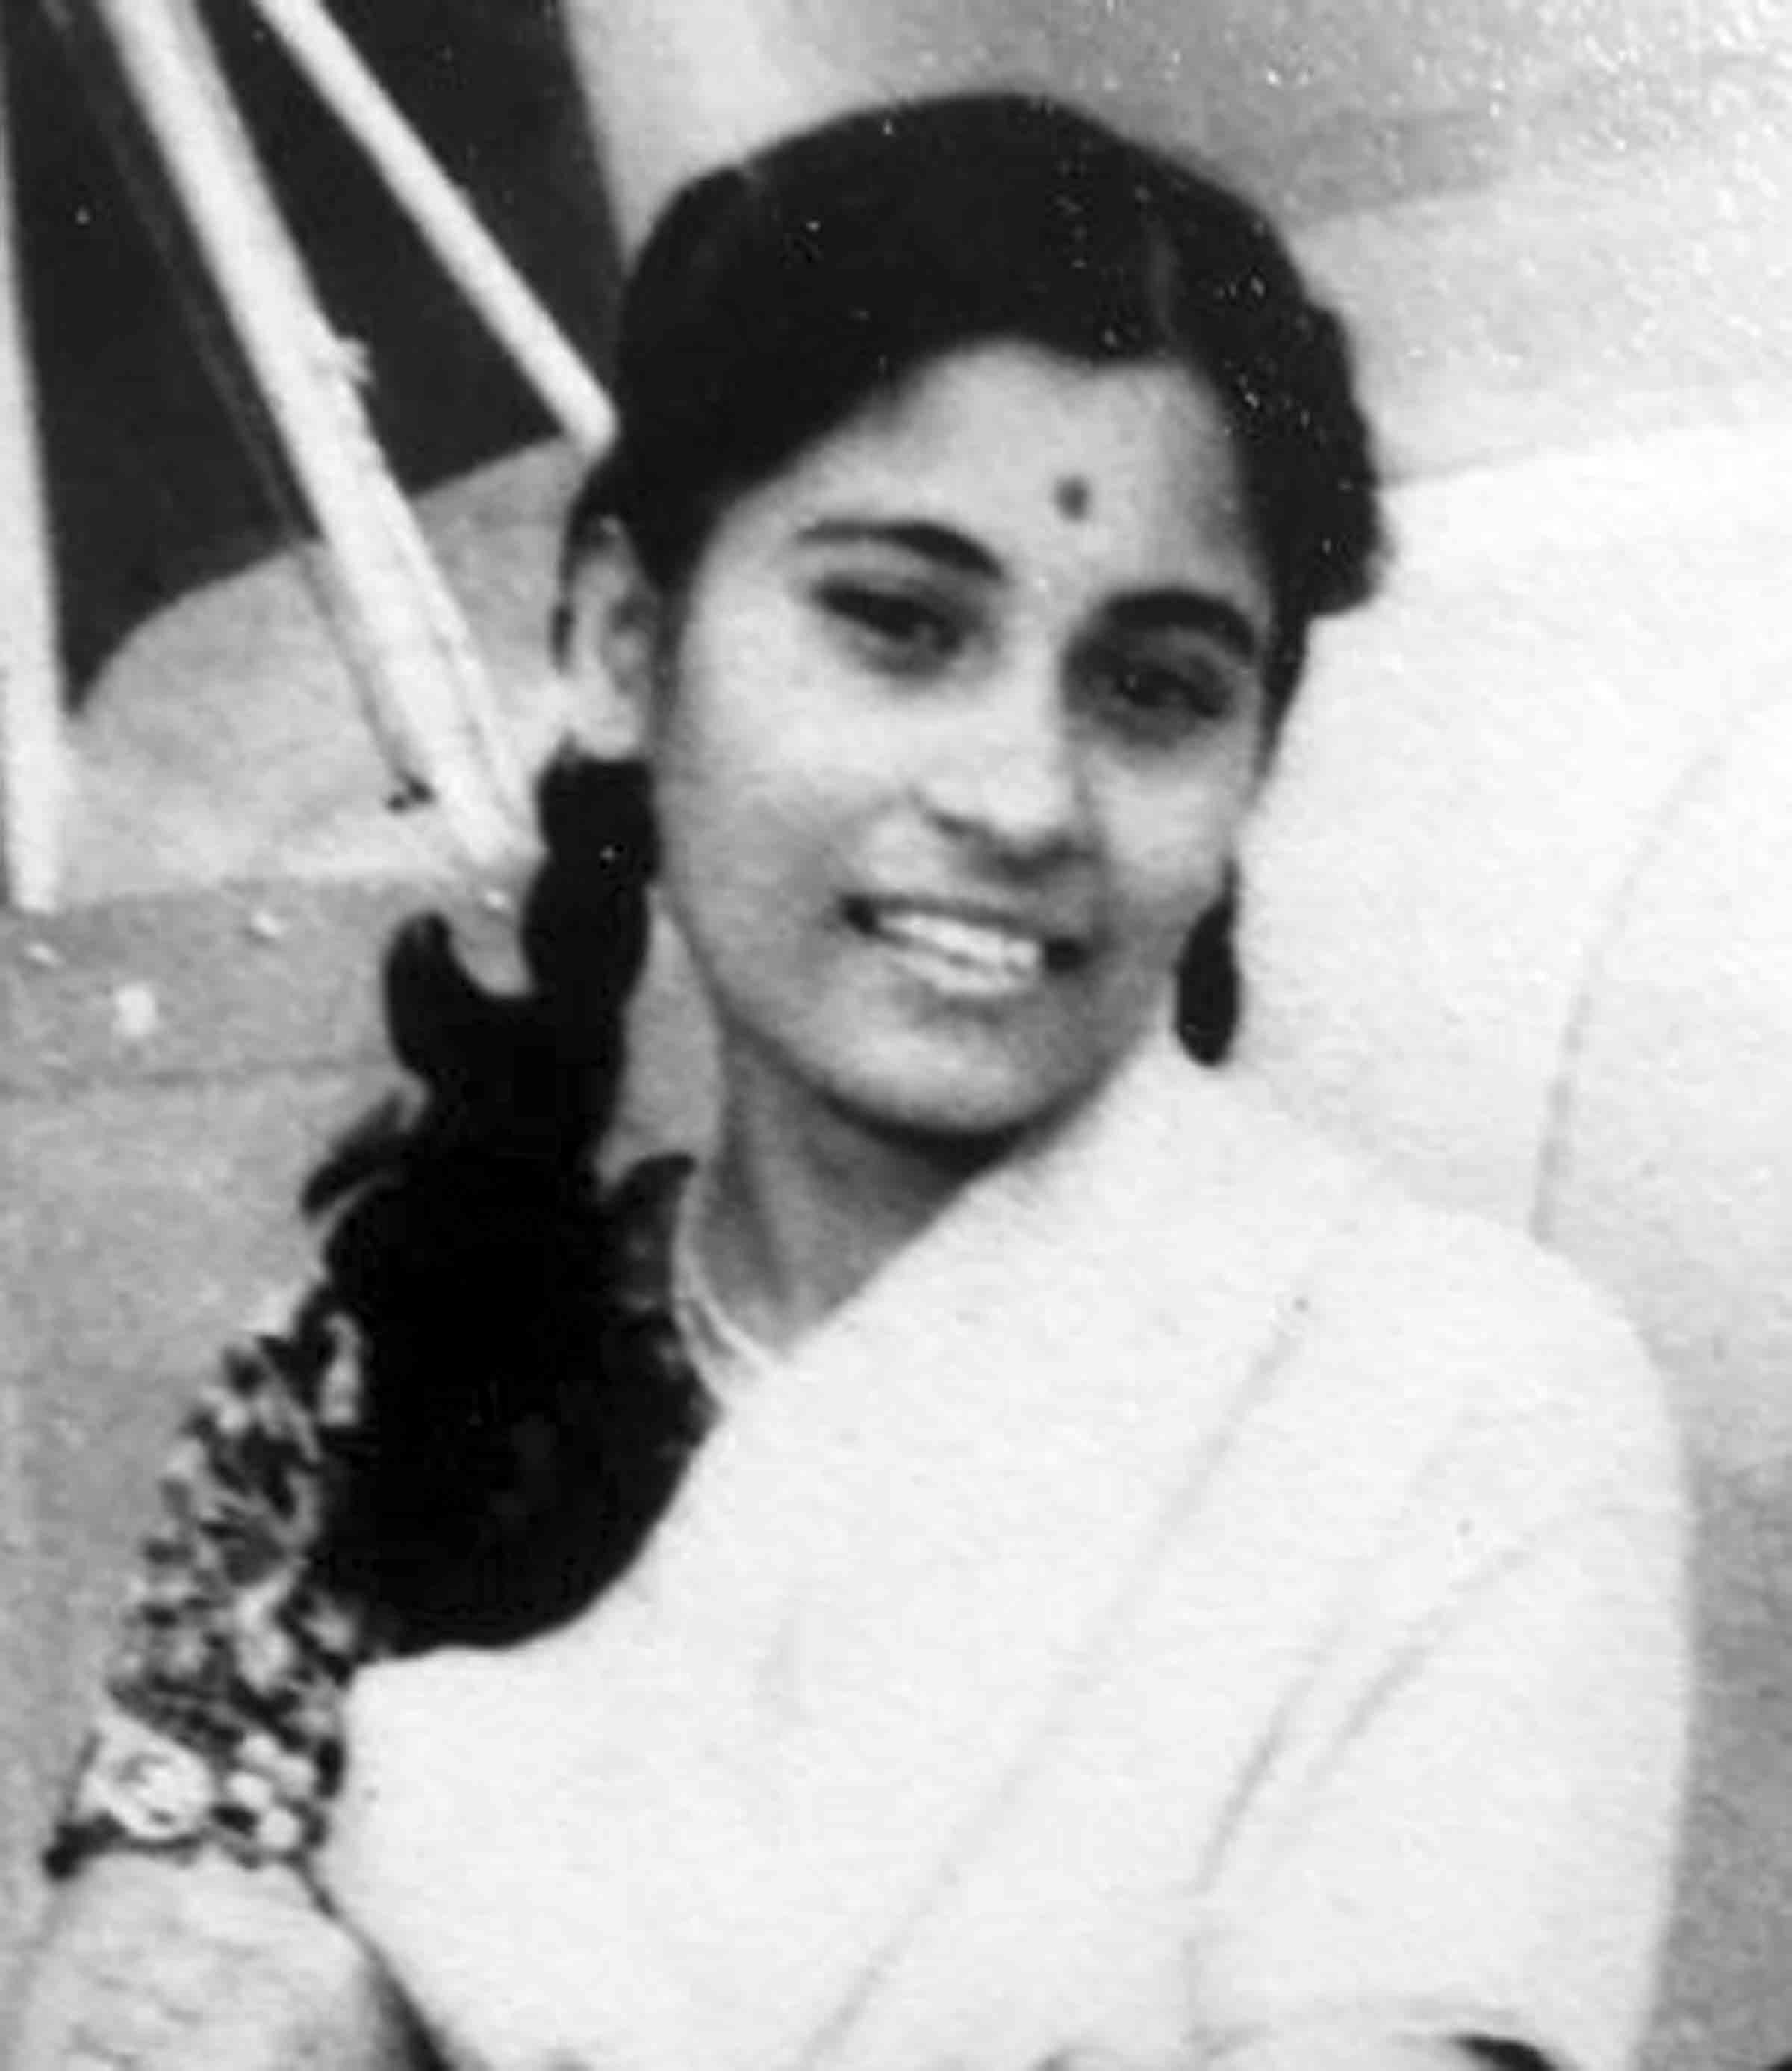 Meet Assam's first woman pilot Ms Dhira Chaliha Hazarika